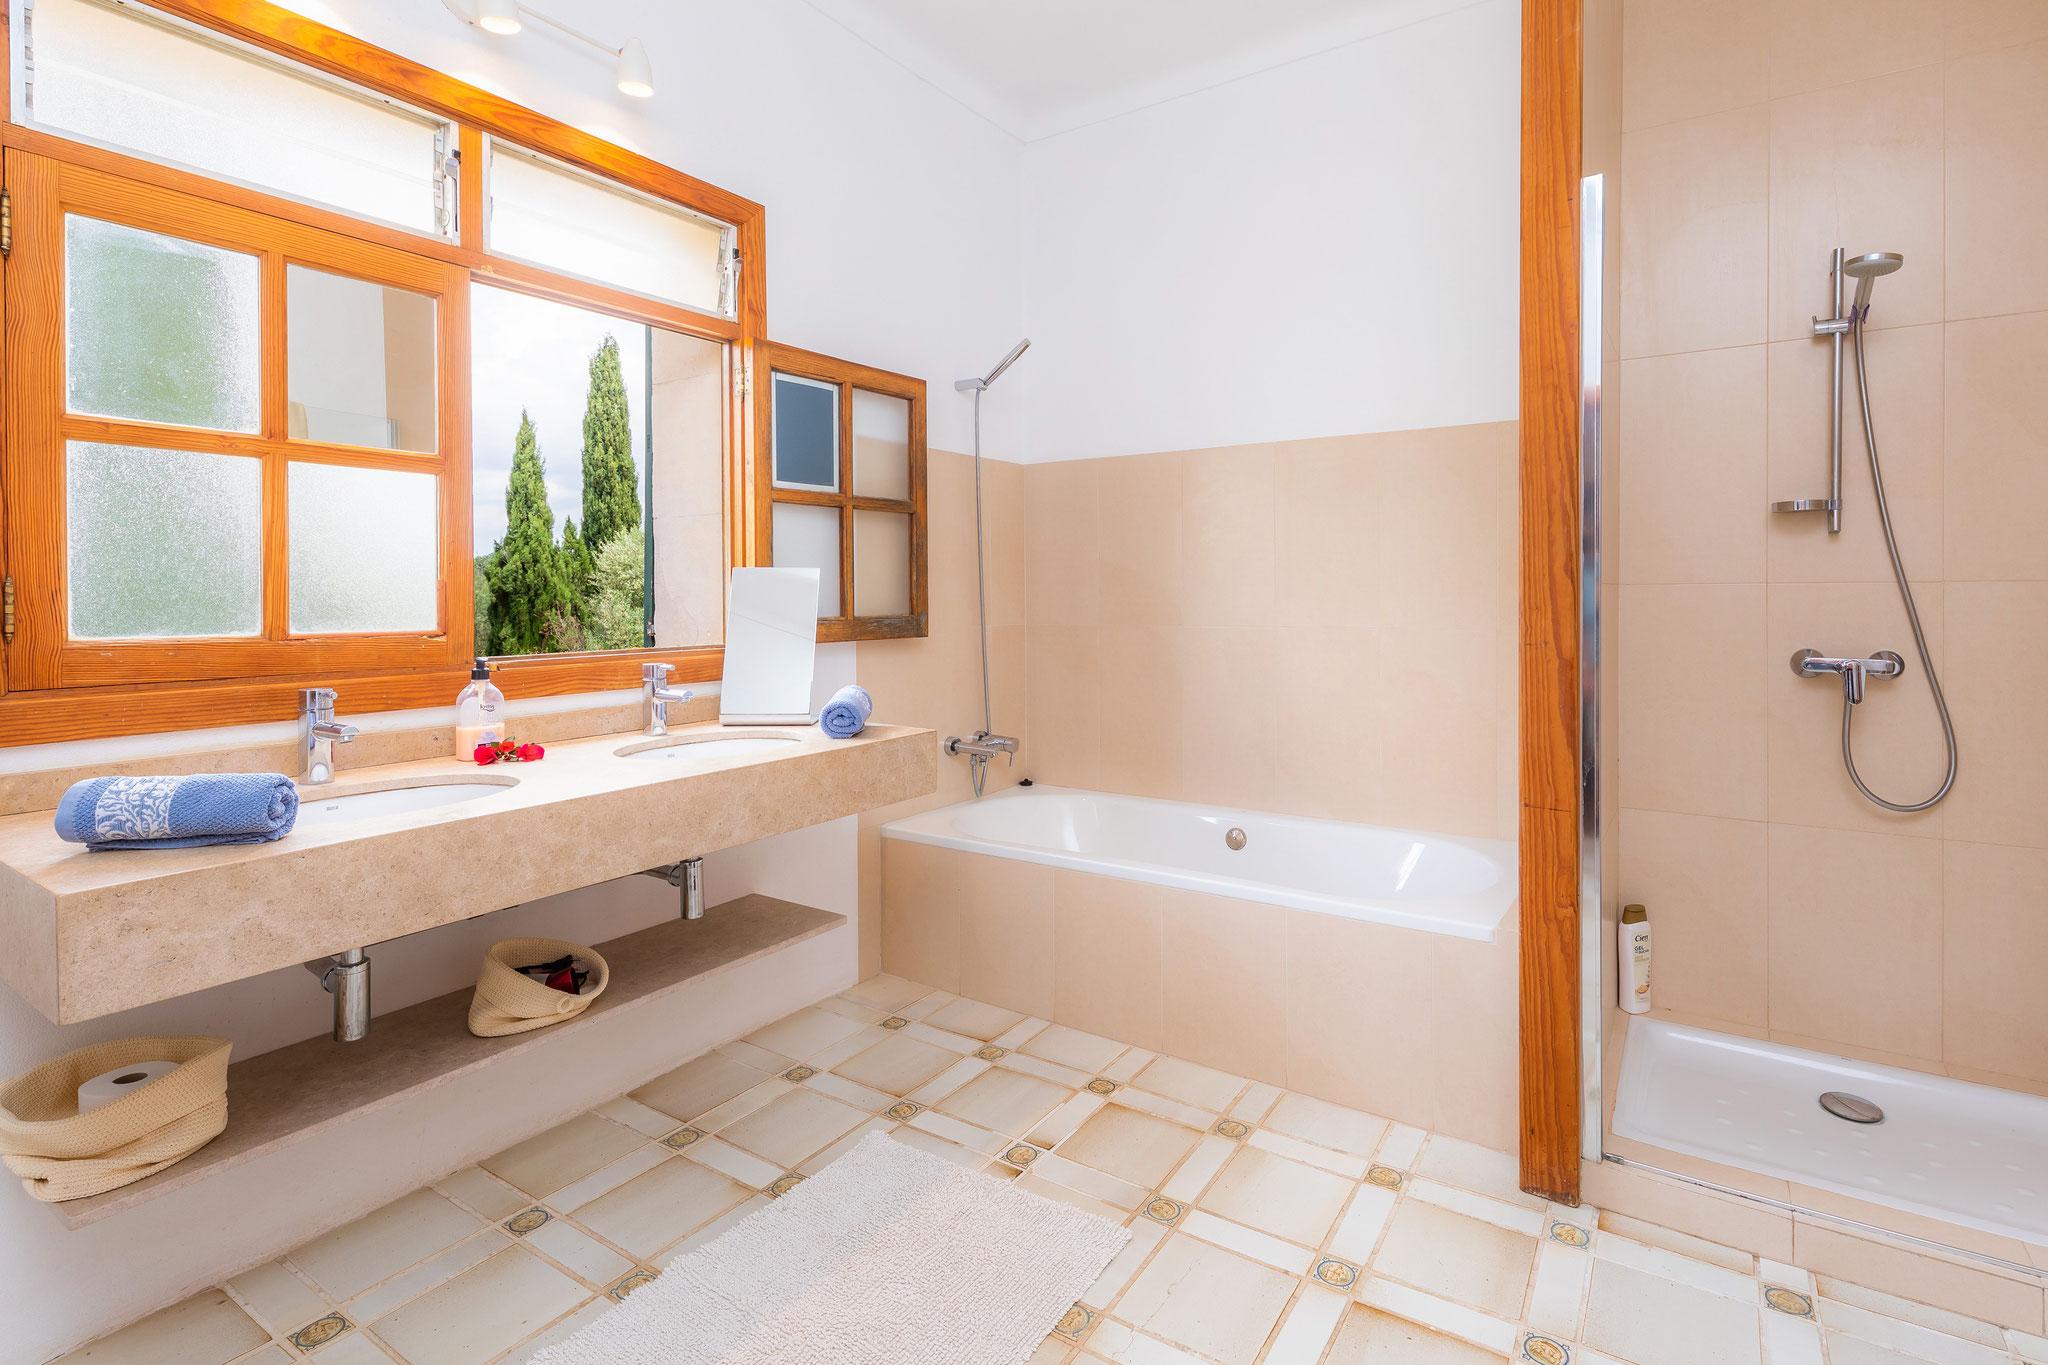 planta baja, baño accesible con bañera y ducha